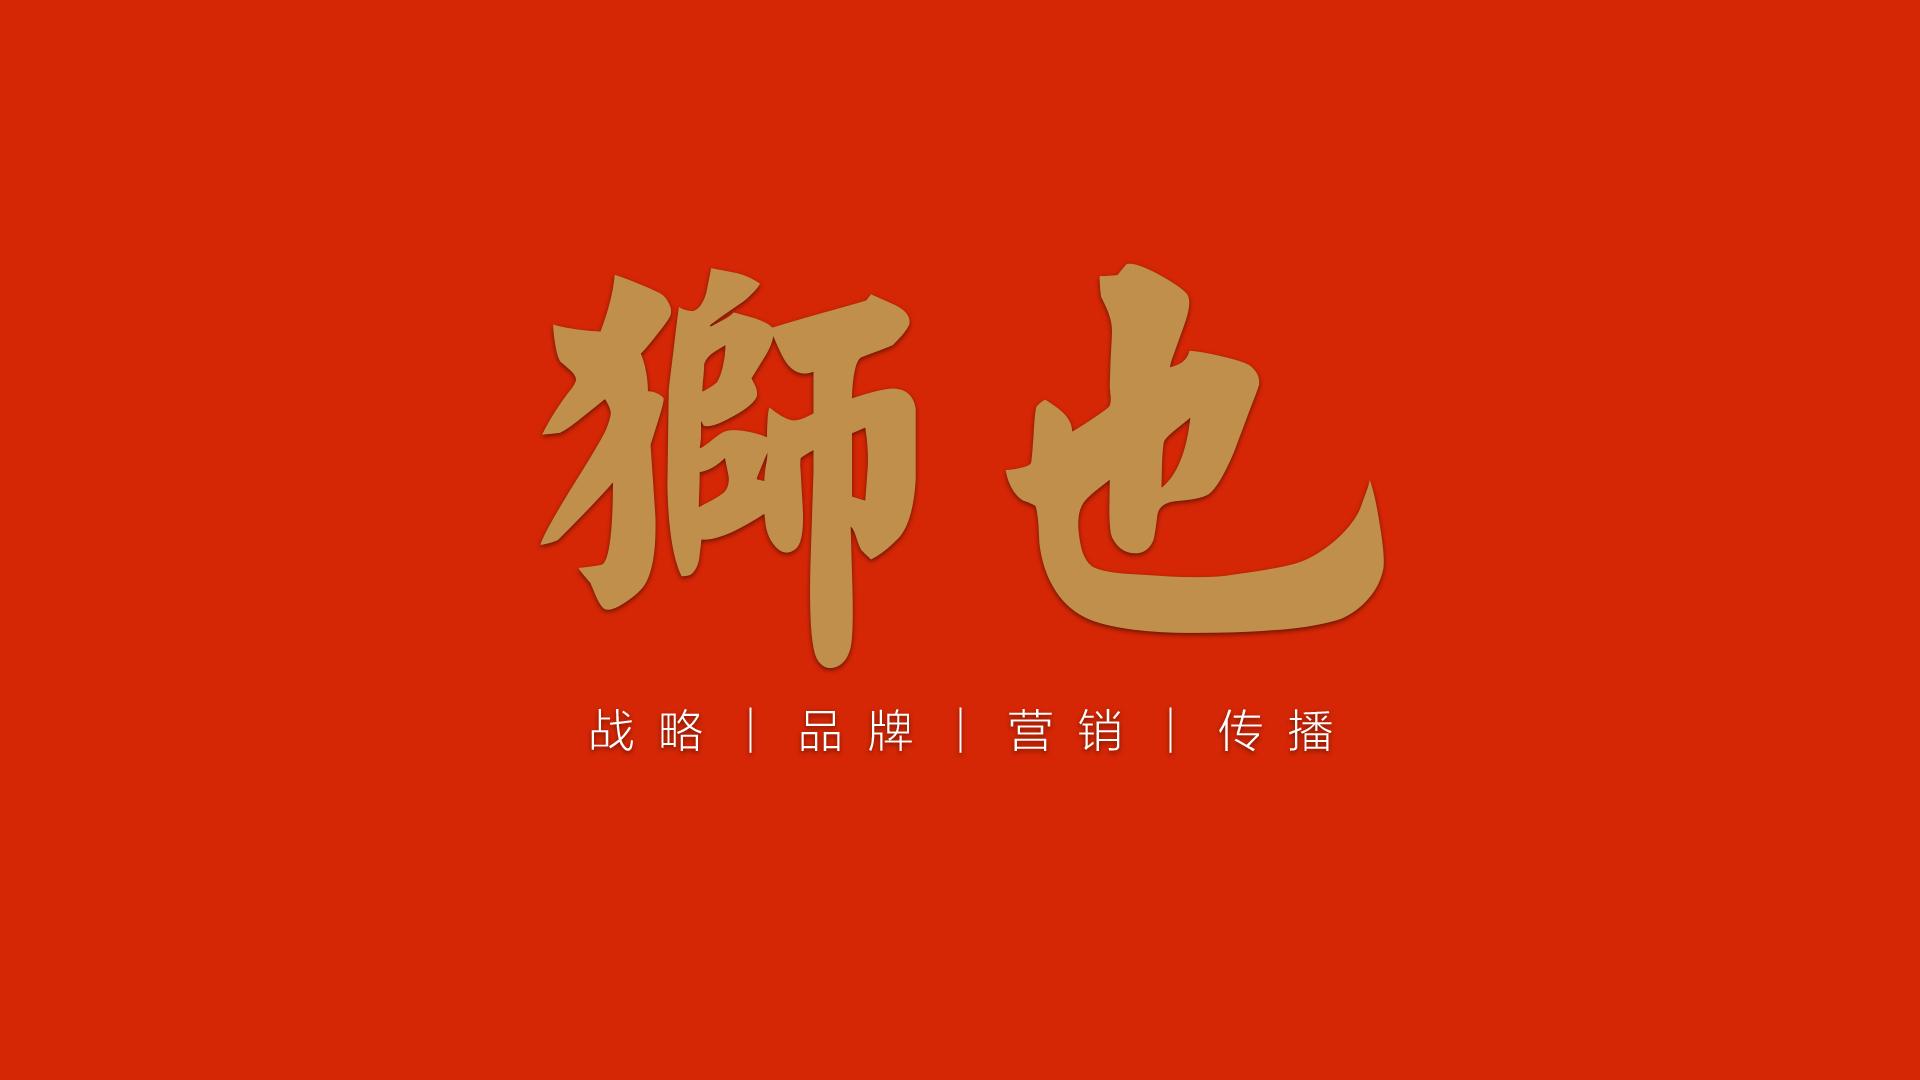 上海营销策划公司—营销人最值得关注的九大营销策略